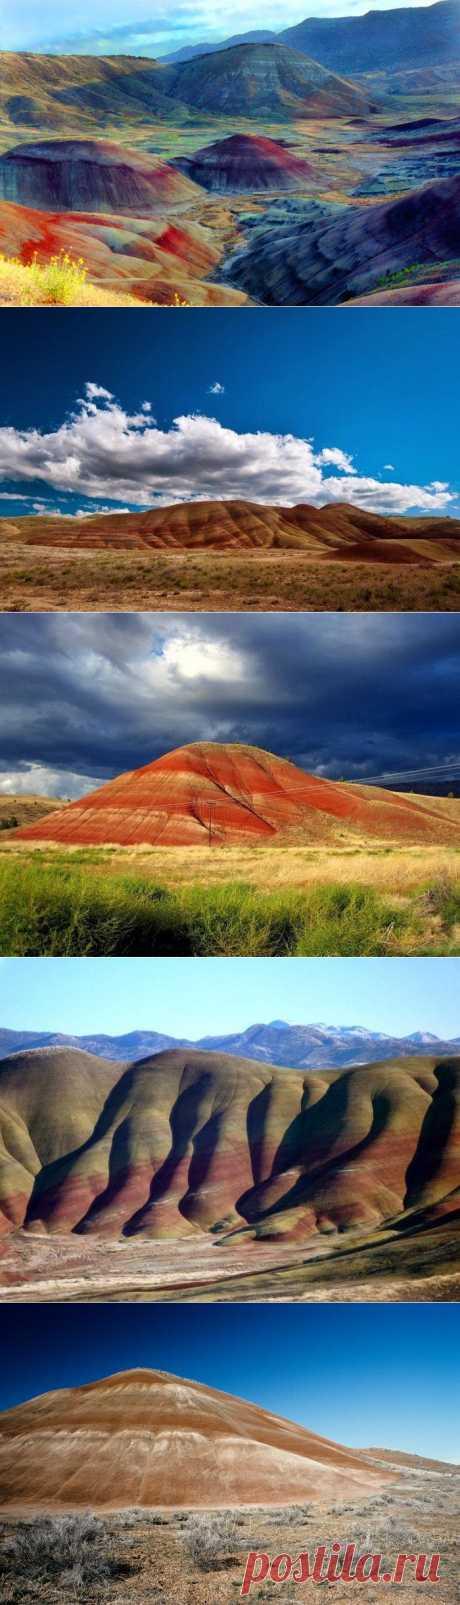 Раскрашенные холмы / Всё самое лучшее из интернета